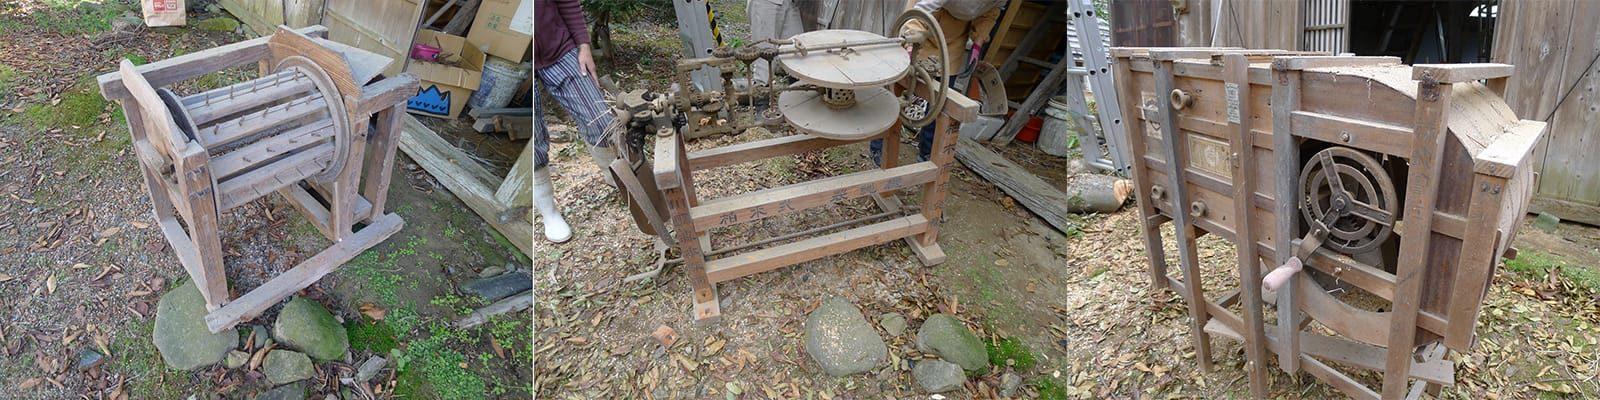 八幡の家 古い農機具